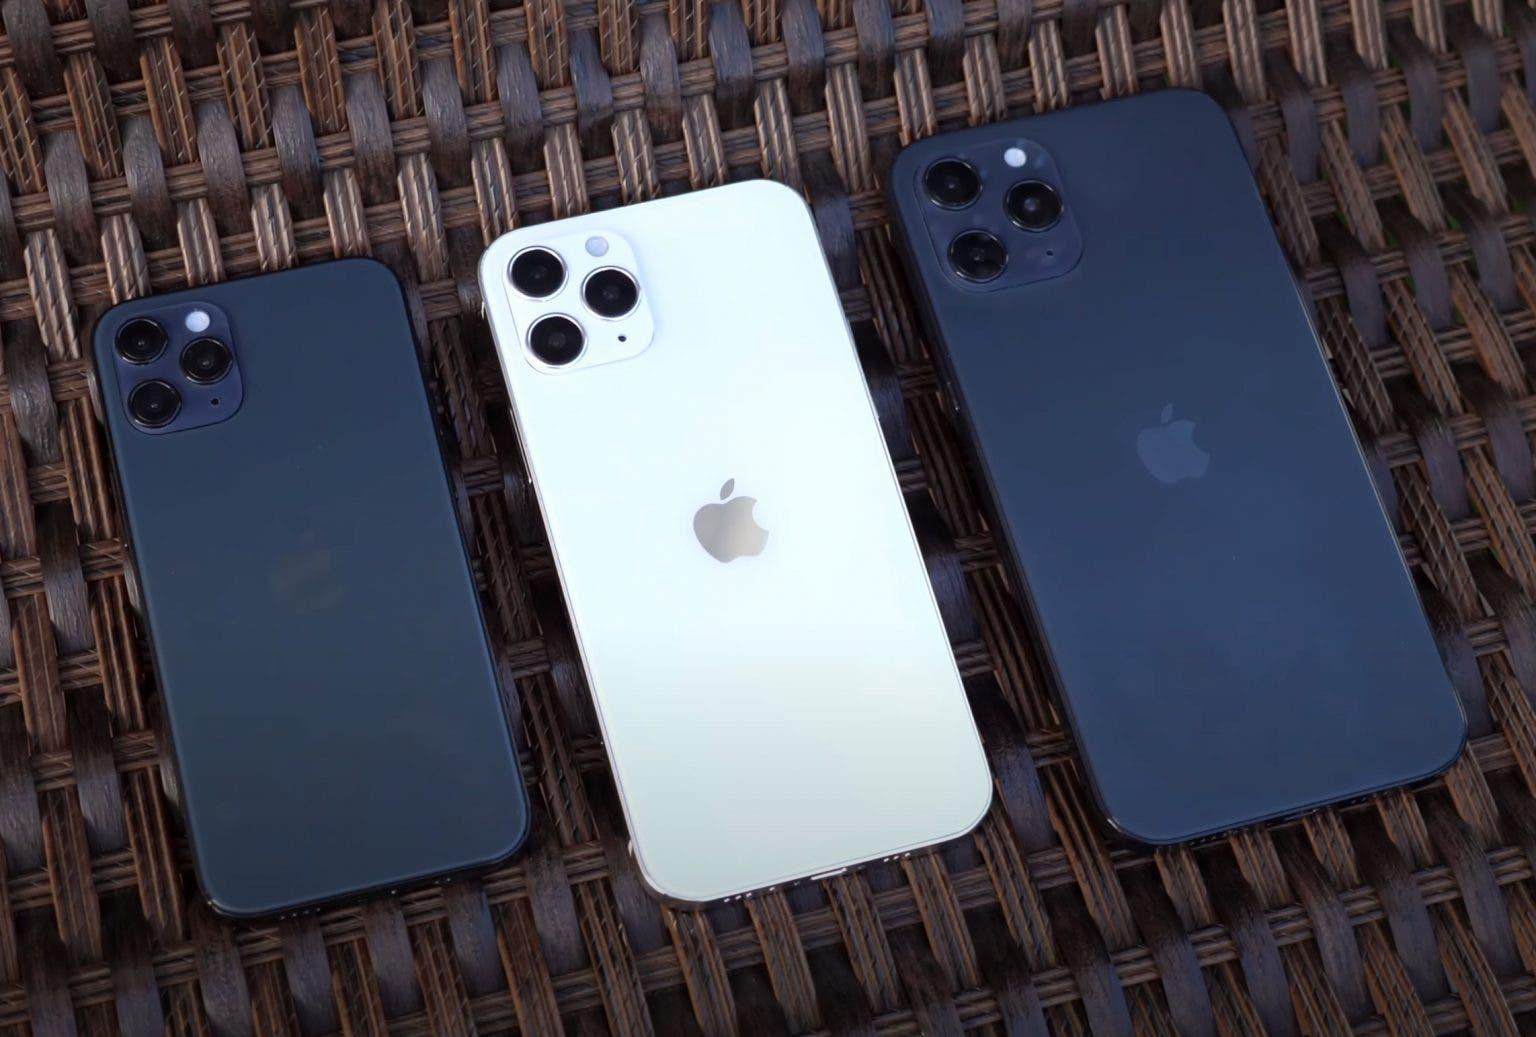 Este lunes, se hacen públicos los nombres bajo los cuales llegarían al mercado los iPhone 12.